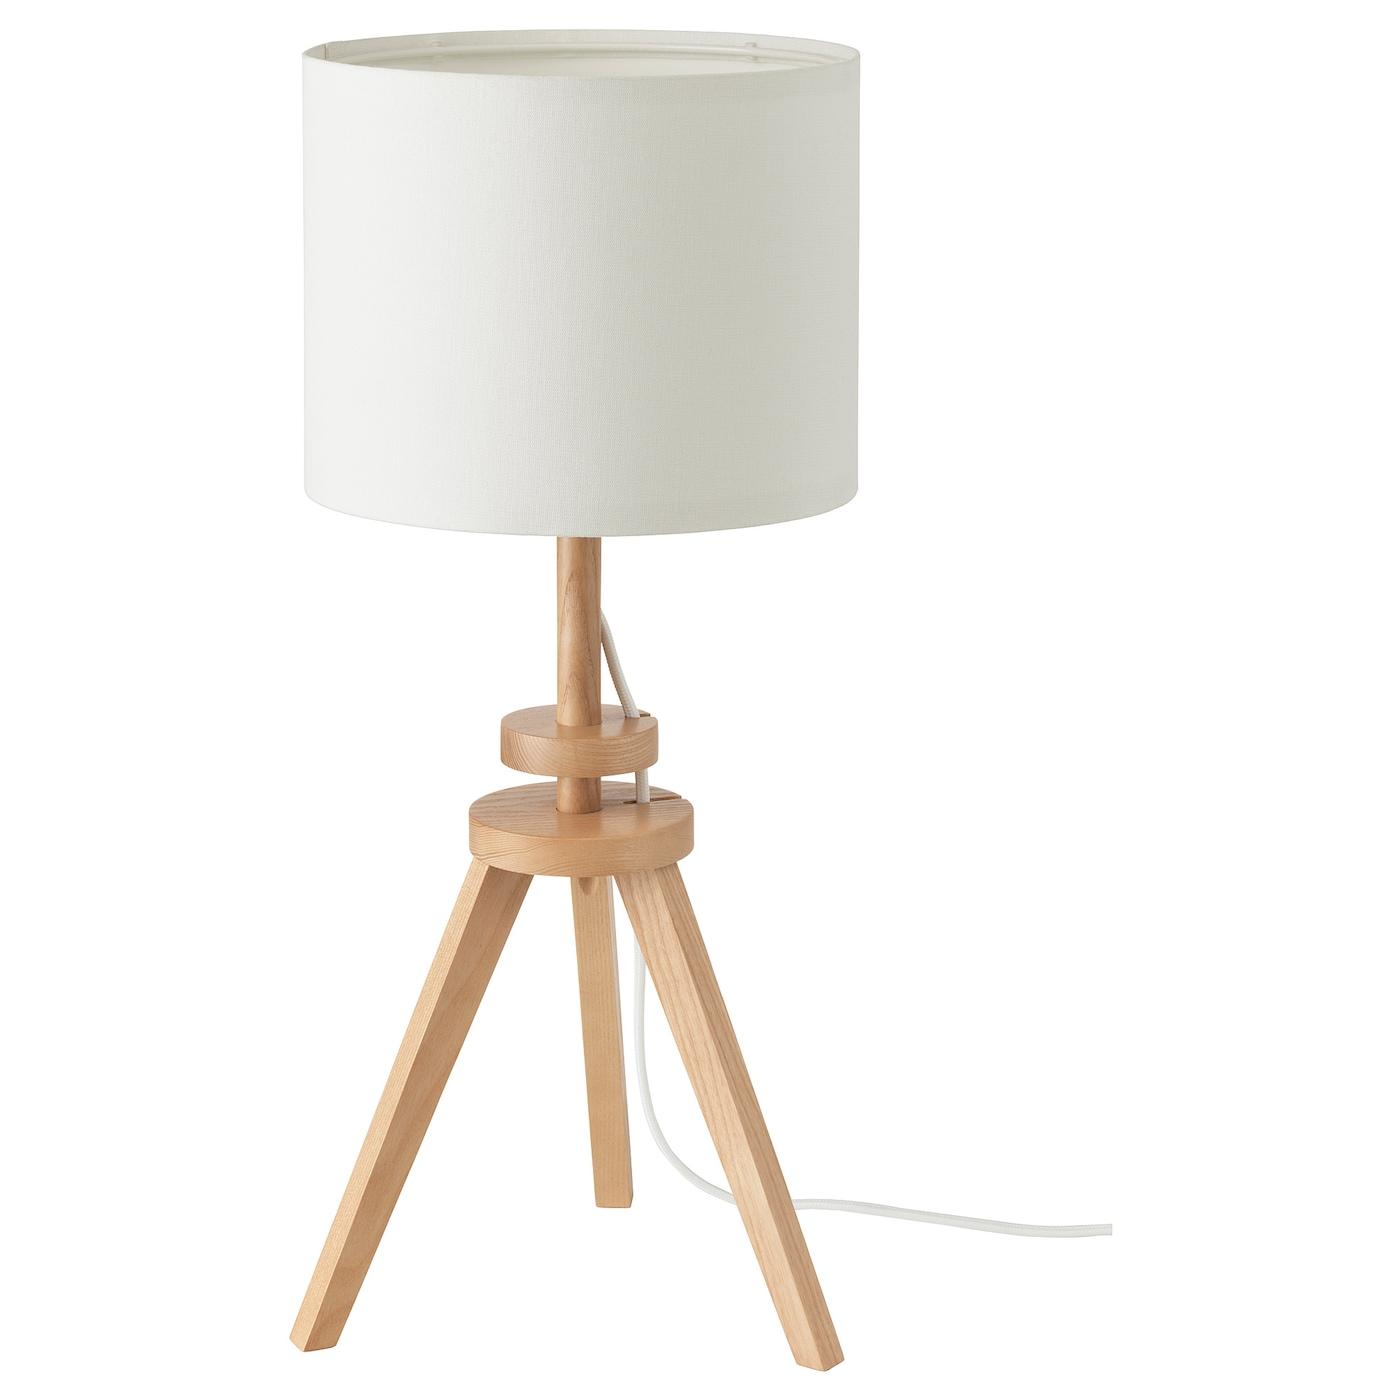 LAUTERS Golvlampa, ask, vit IKEA